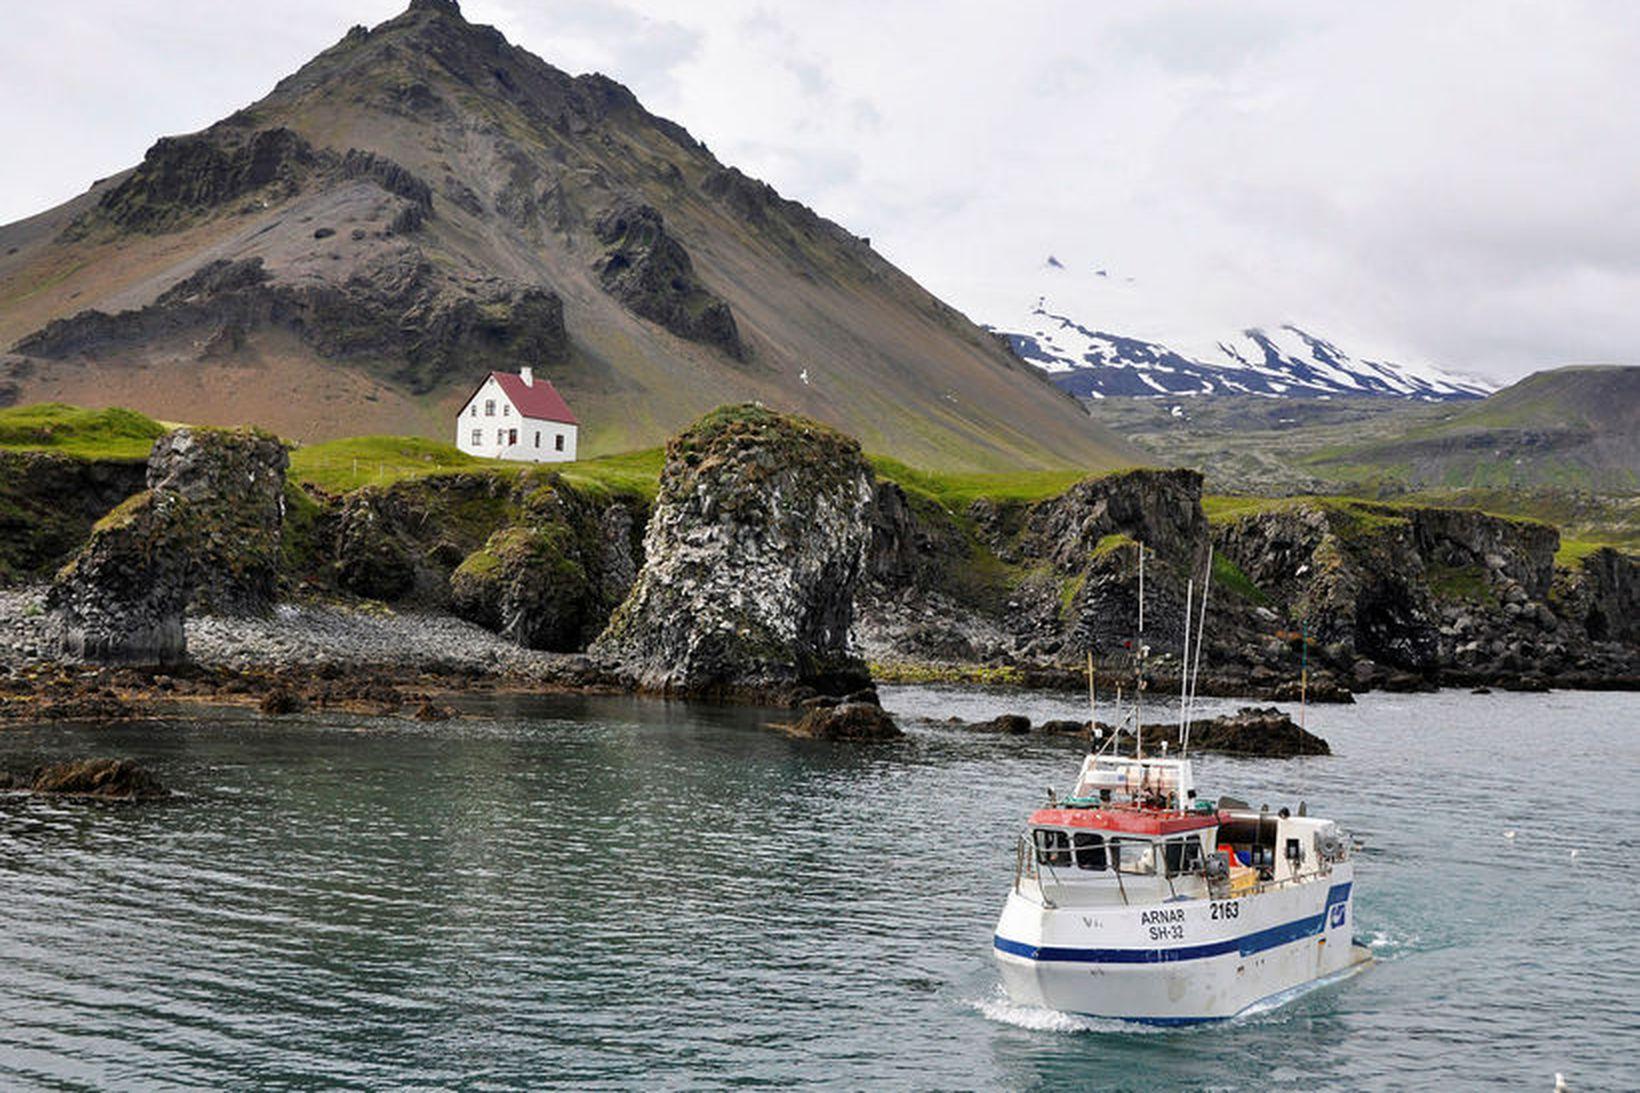 Á morgun er líklega síðasti séns að stunda strandveiðar og …